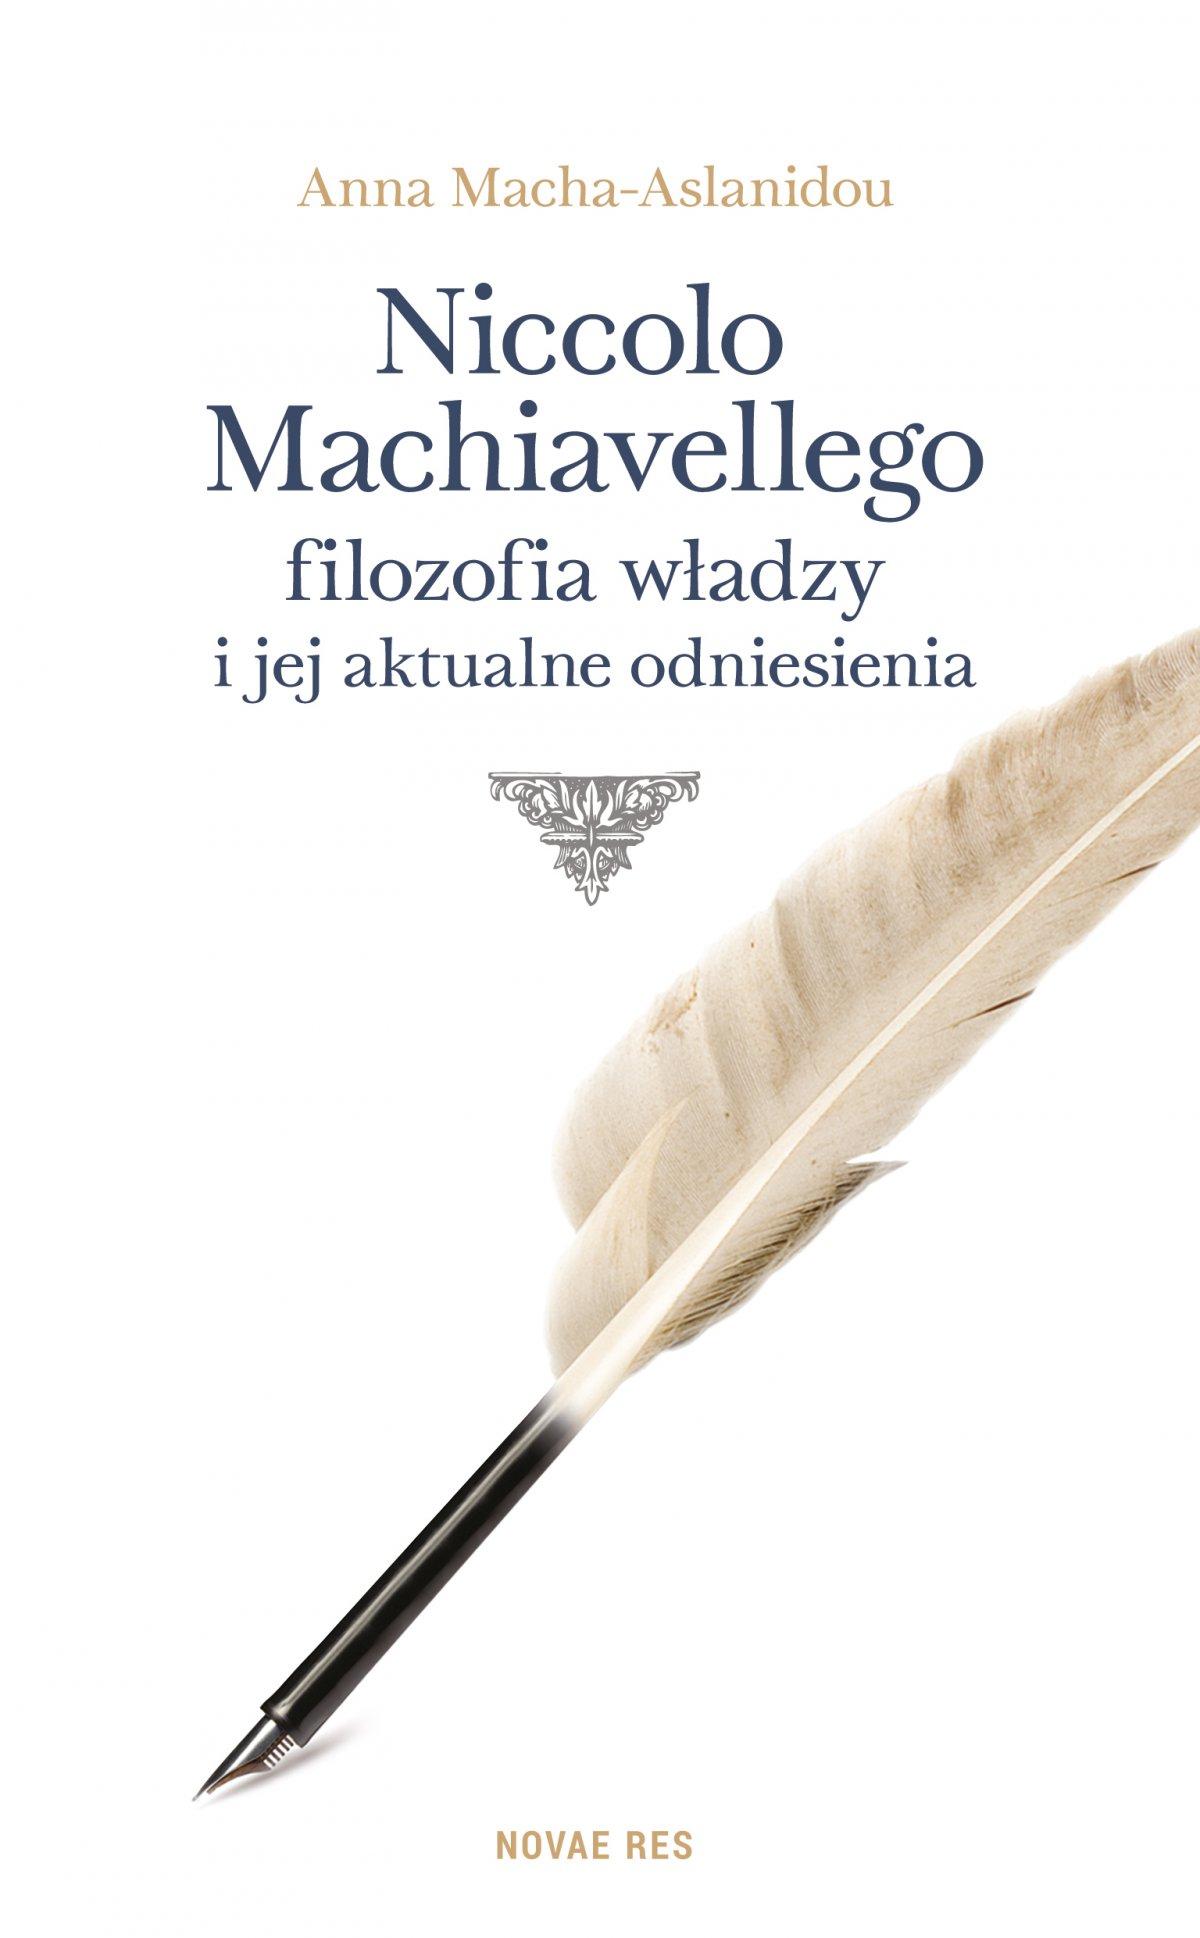 Niccolo Machiavellego filozofia władzy i jej aktualne odniesienia - Ebook (Książka EPUB) do pobrania w formacie EPUB